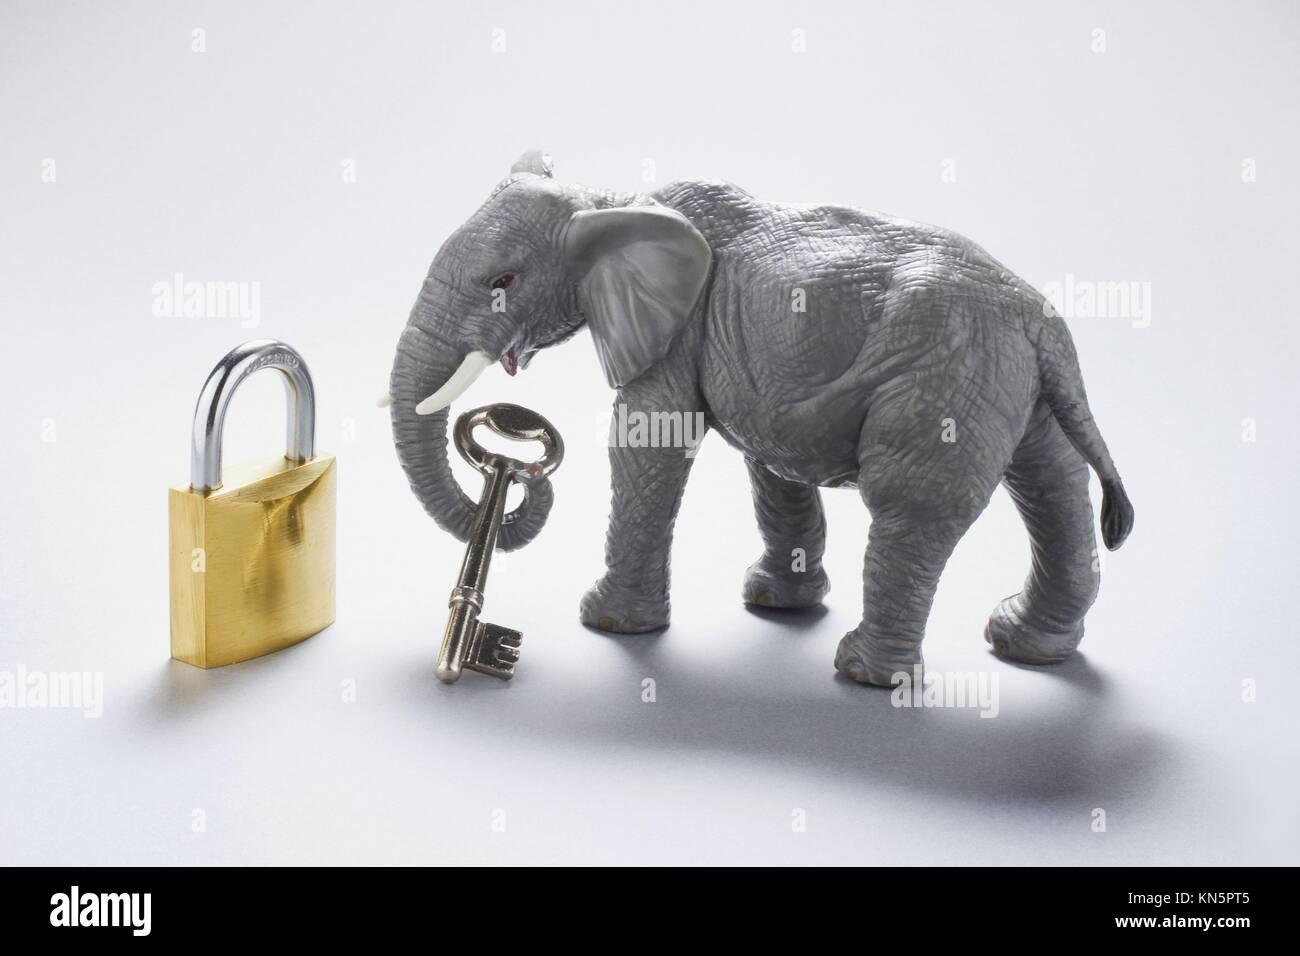 Elefant Figur mit Schlüssel und Schloss. Stockbild